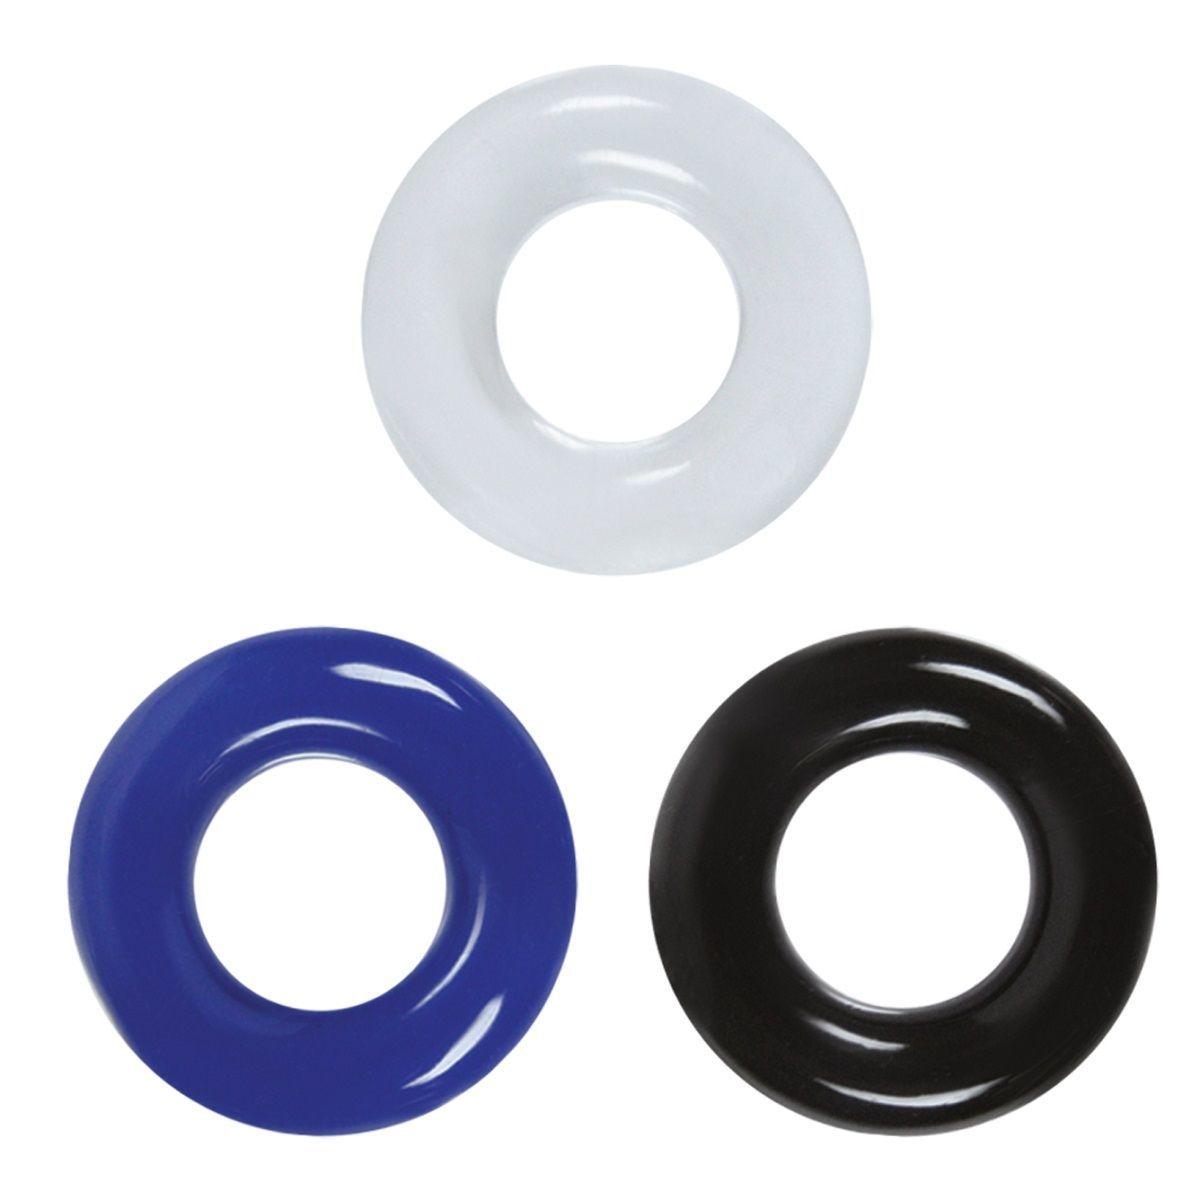 Эрекционные кольца: Набор разноцветных эрекционных колец Stamina Rings